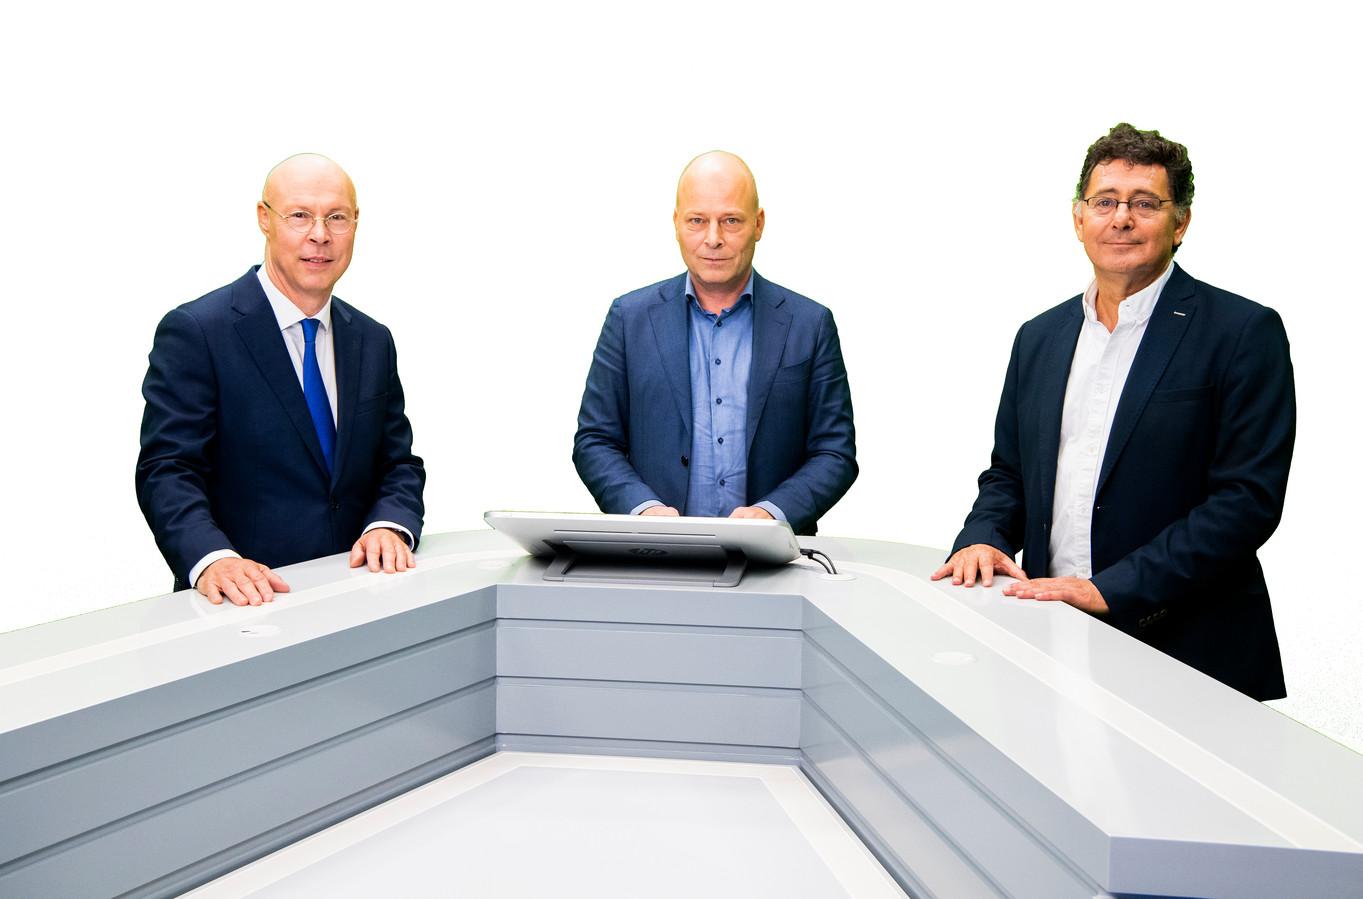 PME en PMT-bestuursvoorzitters Jos Brocken en Erik Uijen tijdens een webinar over dreigende kortingen op pensioenen. Bestuurders zitten klaar voor het beantwoorden van vragen van verontruste deelnemers van pensioenfondsen.